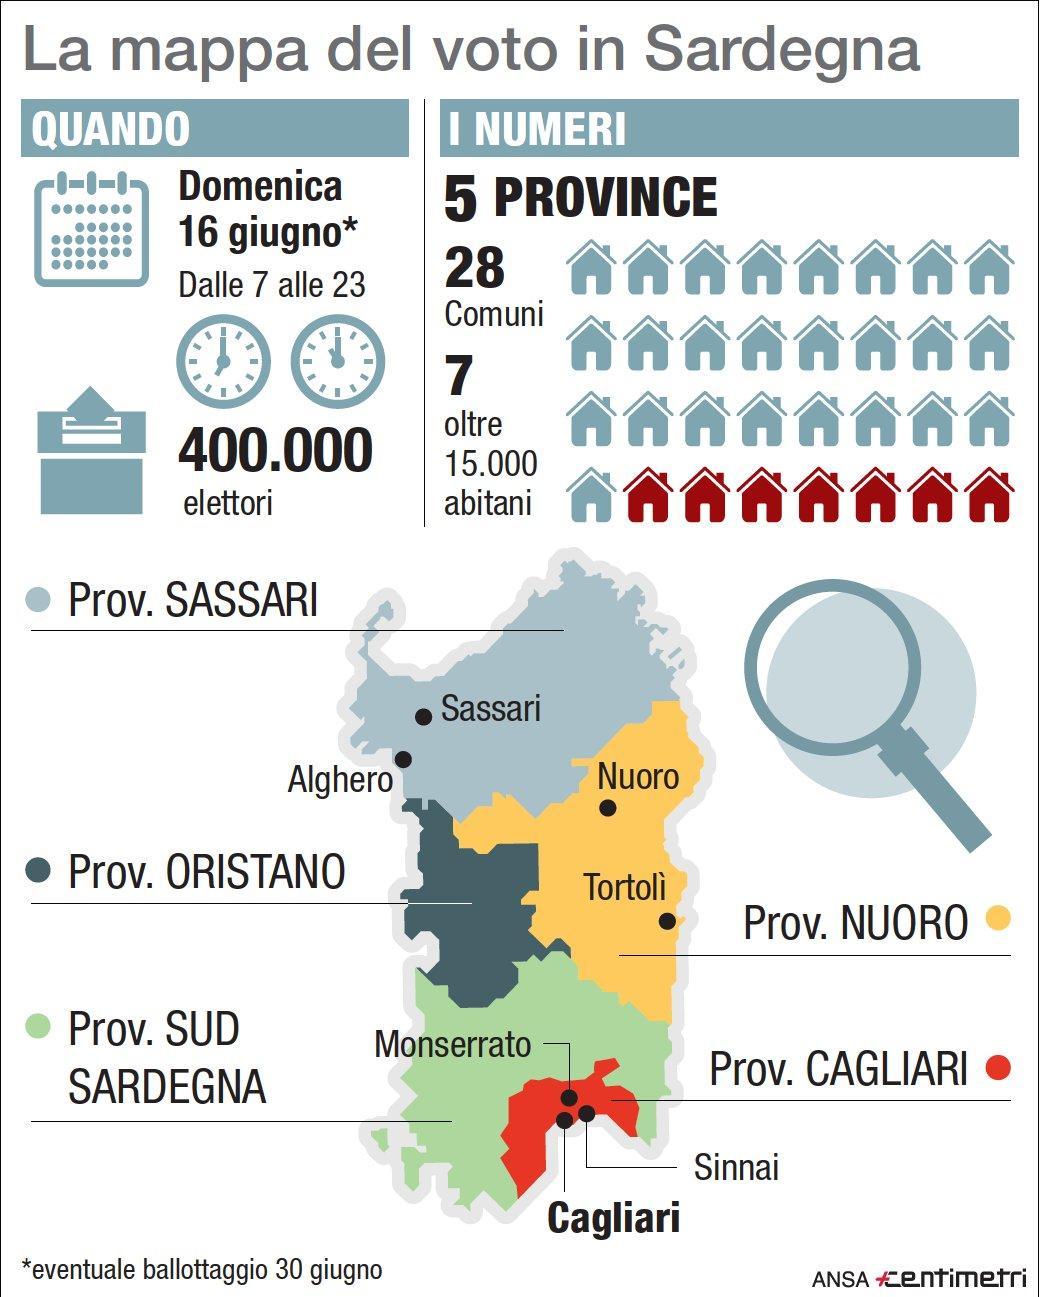 La mappa del voto in Sardegna